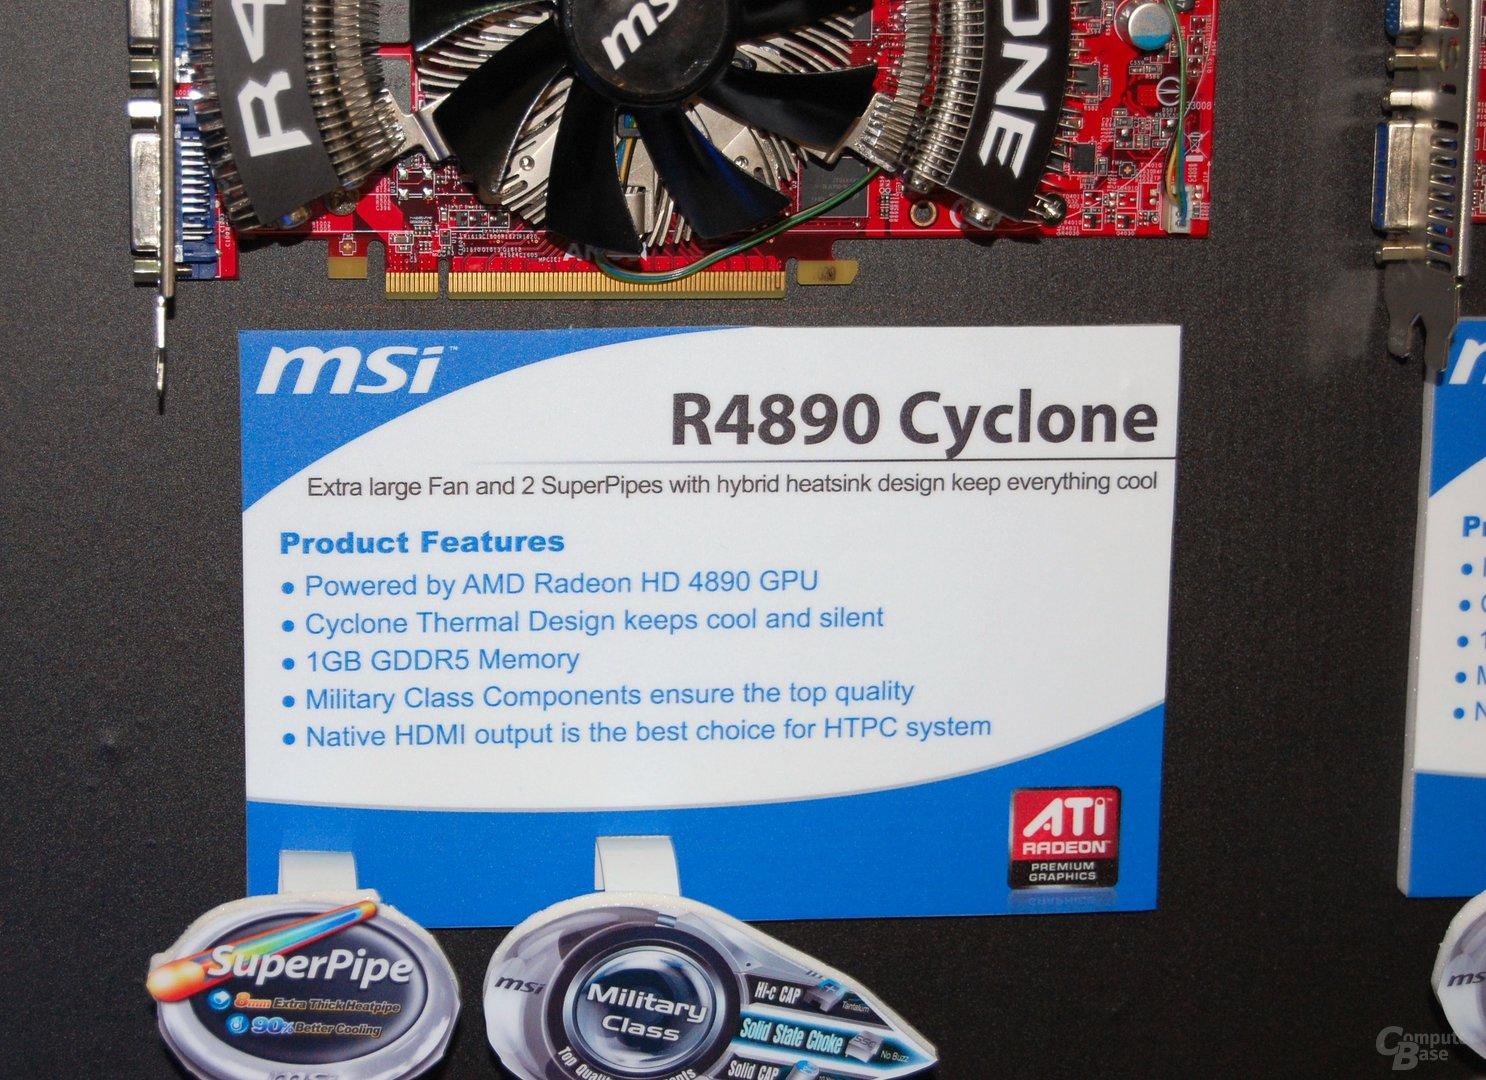 MSI Radeon HD 4890 Cyclone